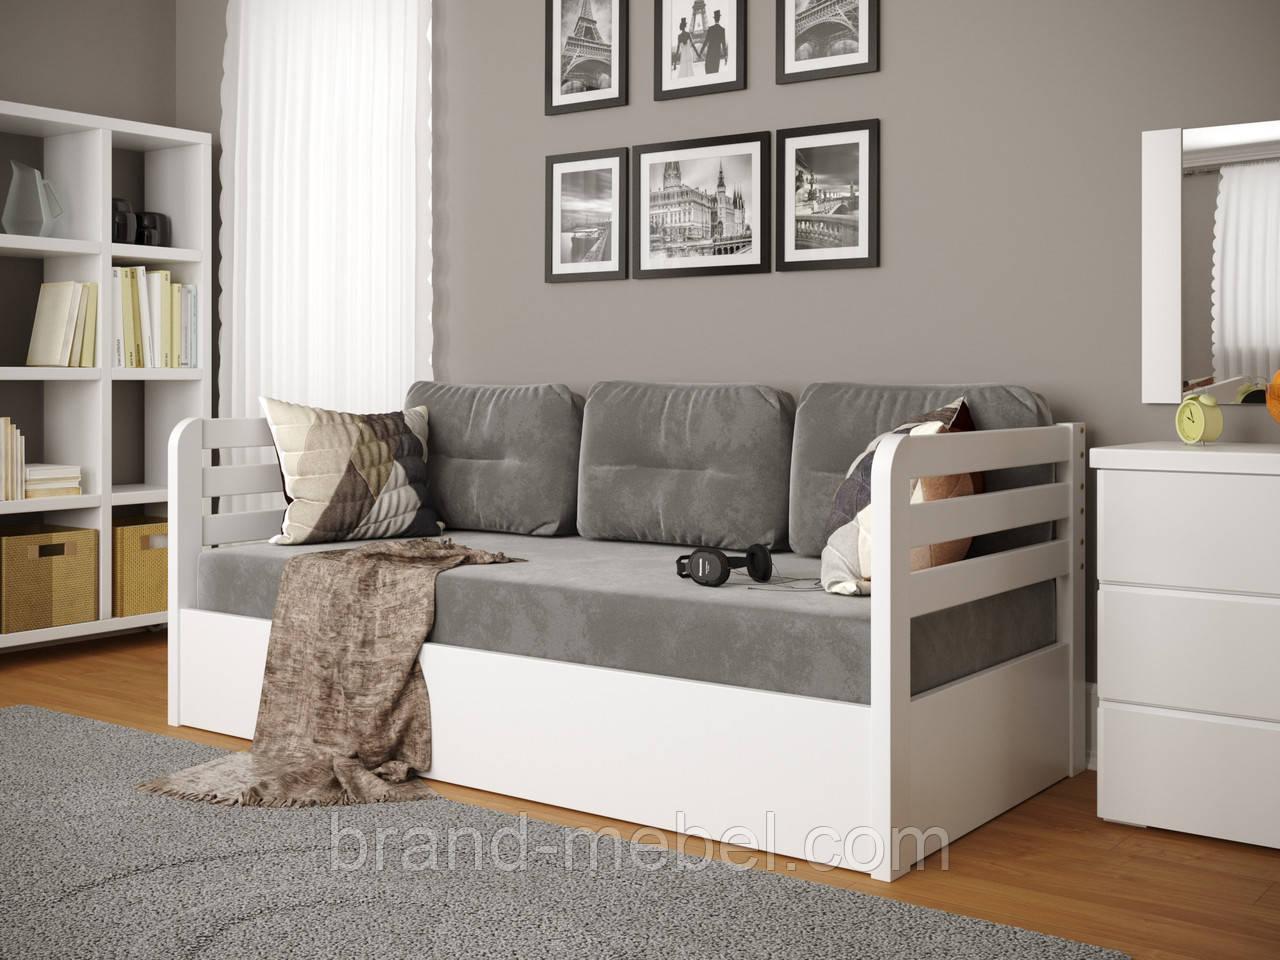 Дитяче односпальне дерев'яне ліжко Немо Люкс / Детская деревянная кровать Немо Люкс